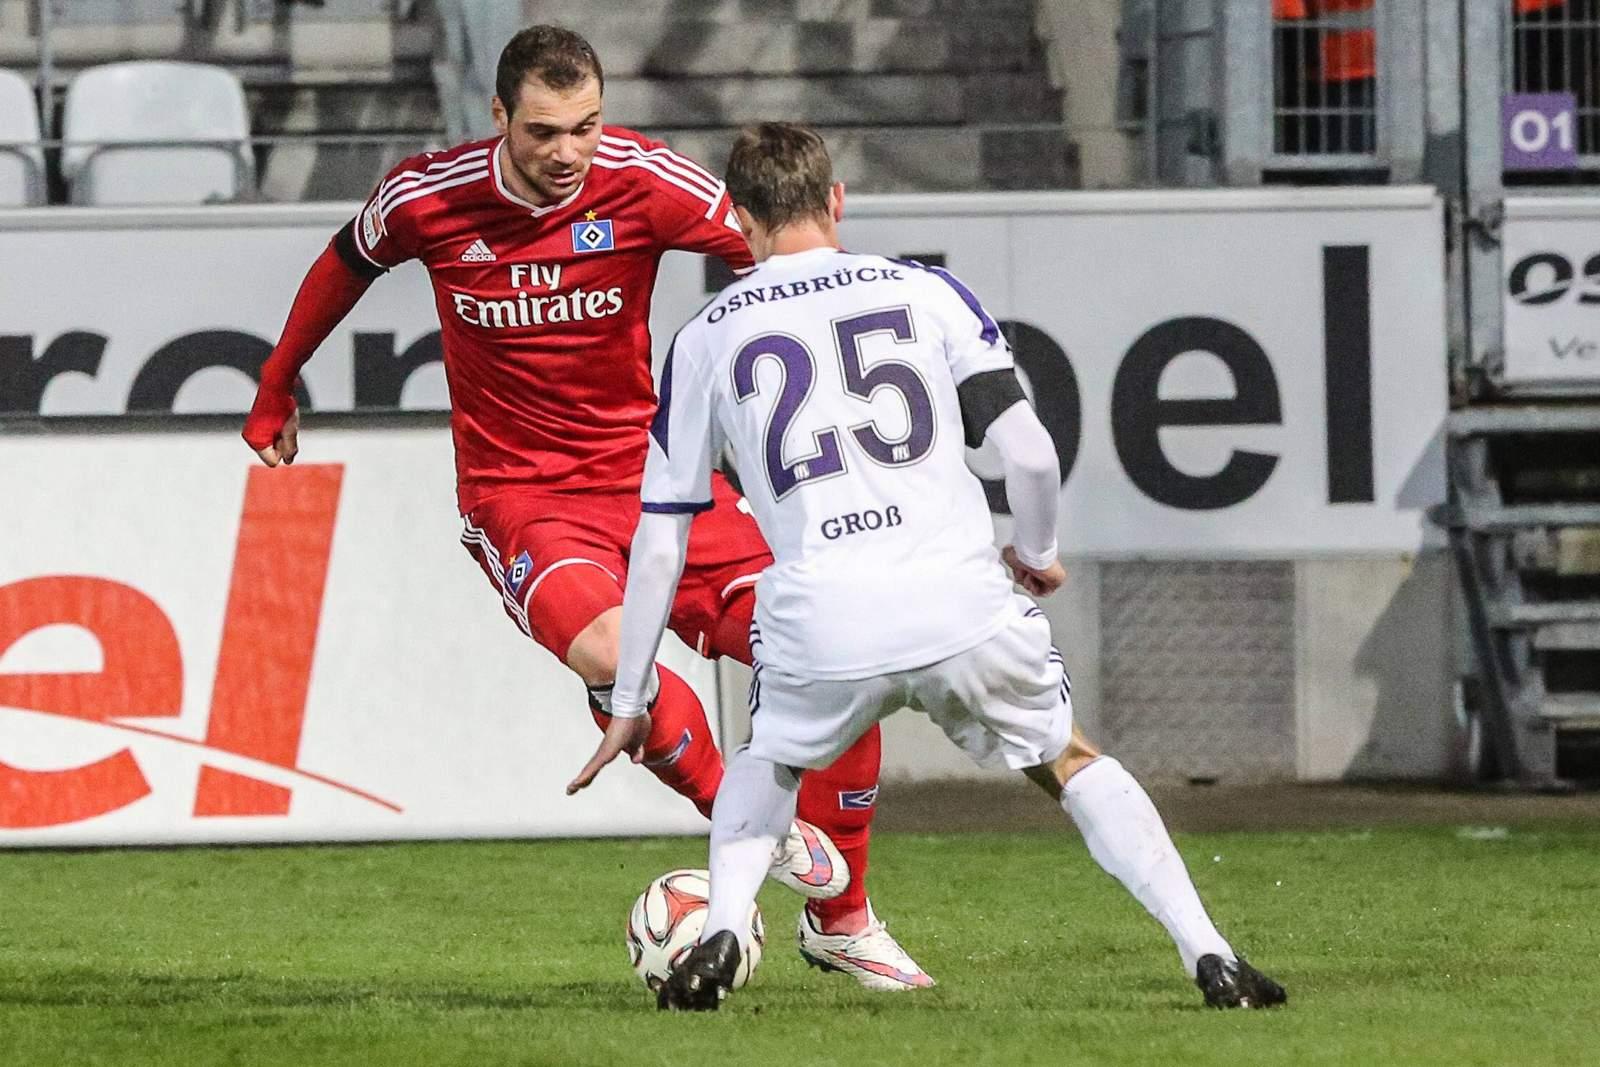 Setzt sich Lasogga gegen Groß durch? Jetzt auf Osnabrück gegen HSV wetten